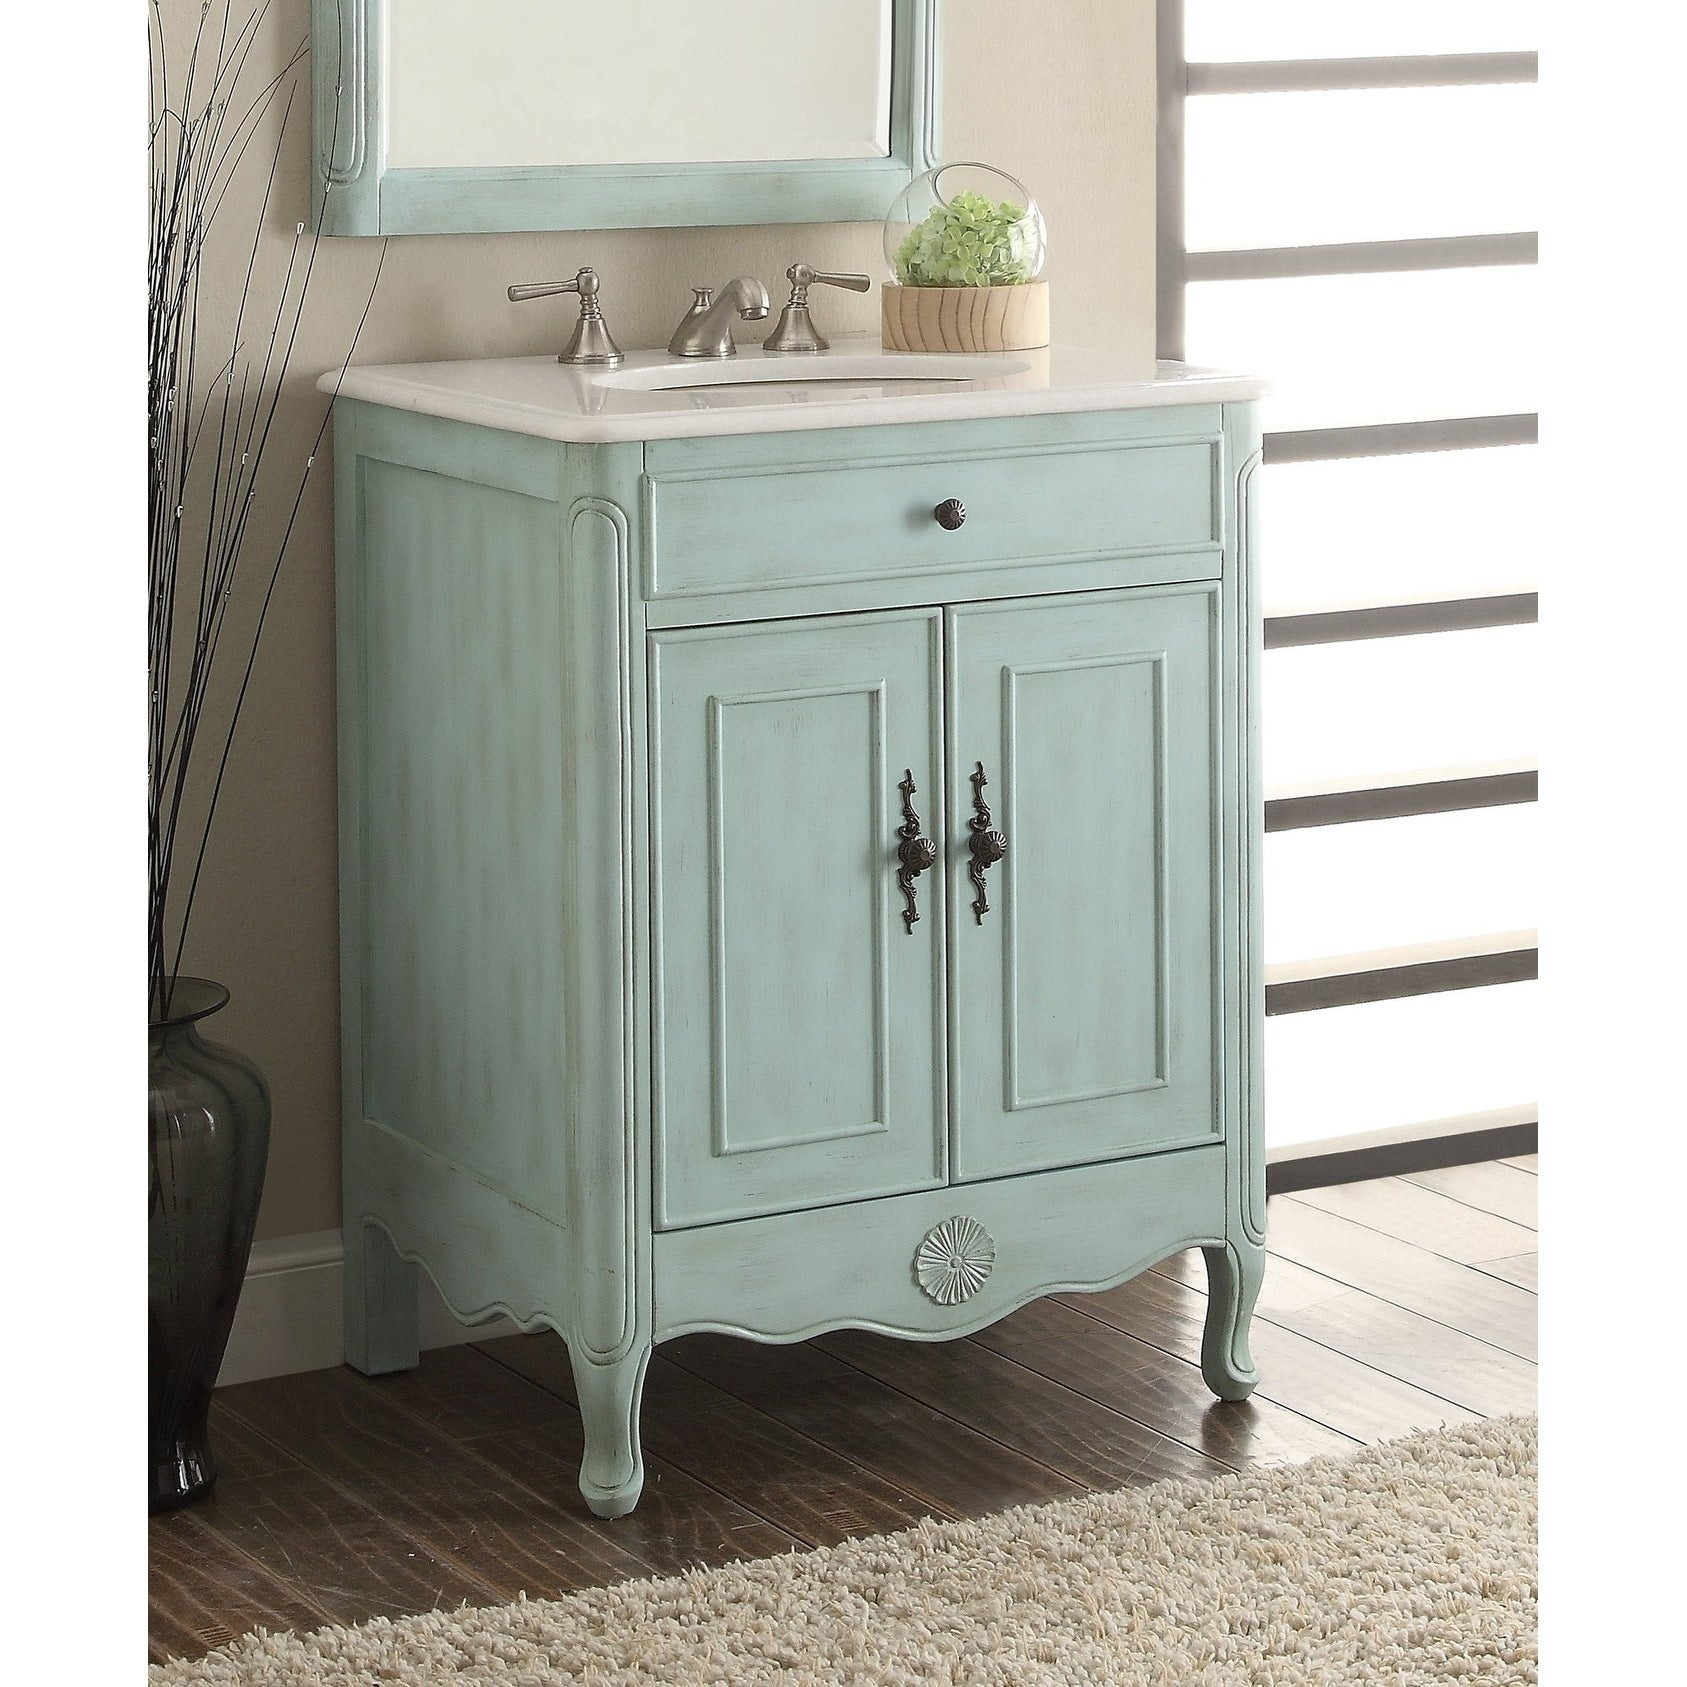 26 Benton Collection Daleville L Blue Vintage Bathroom Vanity Sink Overstock 20729035